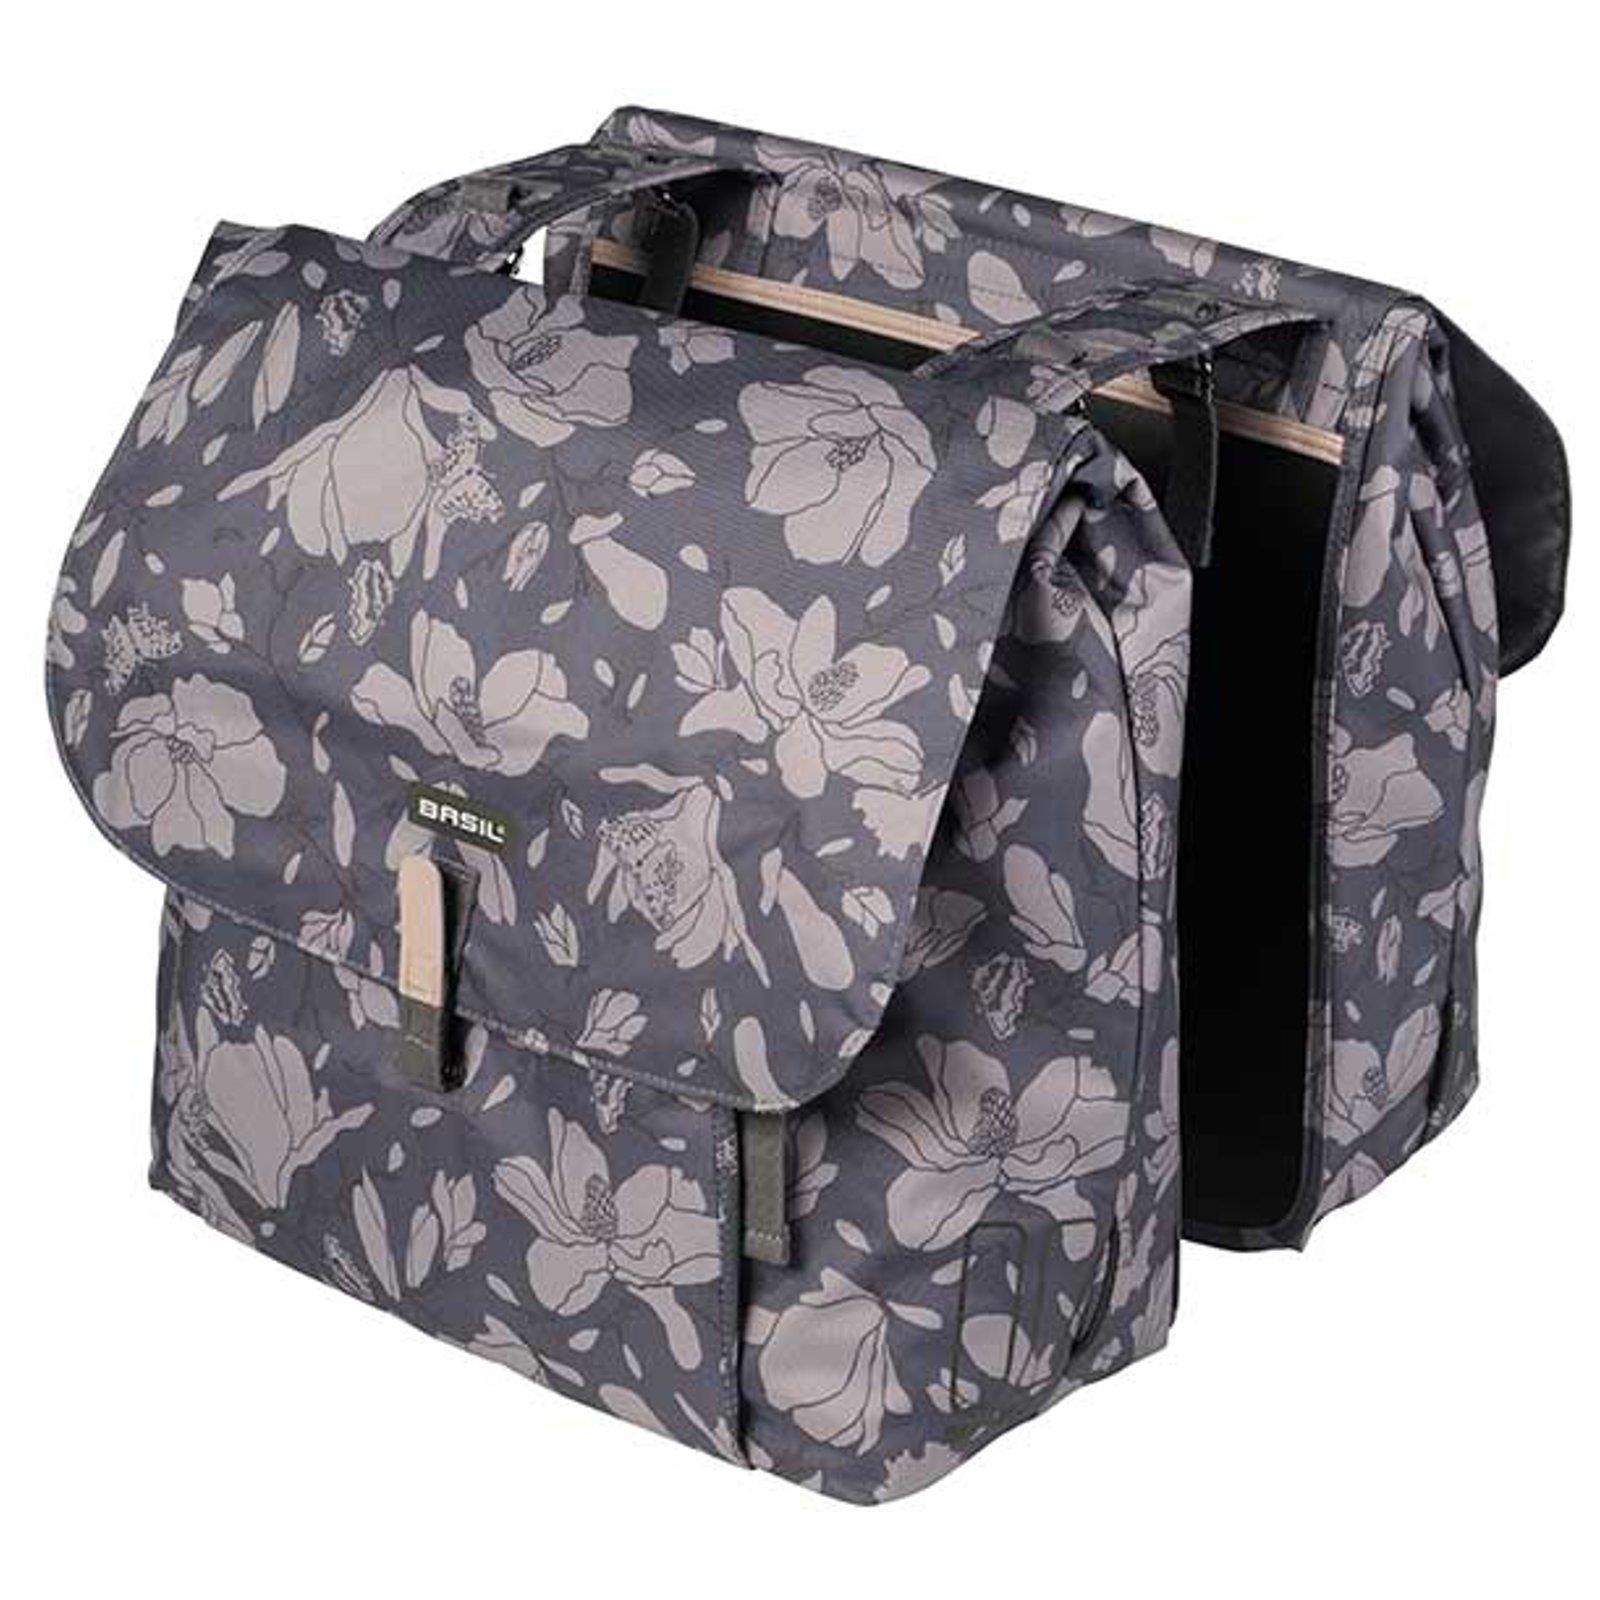 Basil Preston Double Bag 36 Liter Doppelpacktasche Satteltasche Fahrradtasche